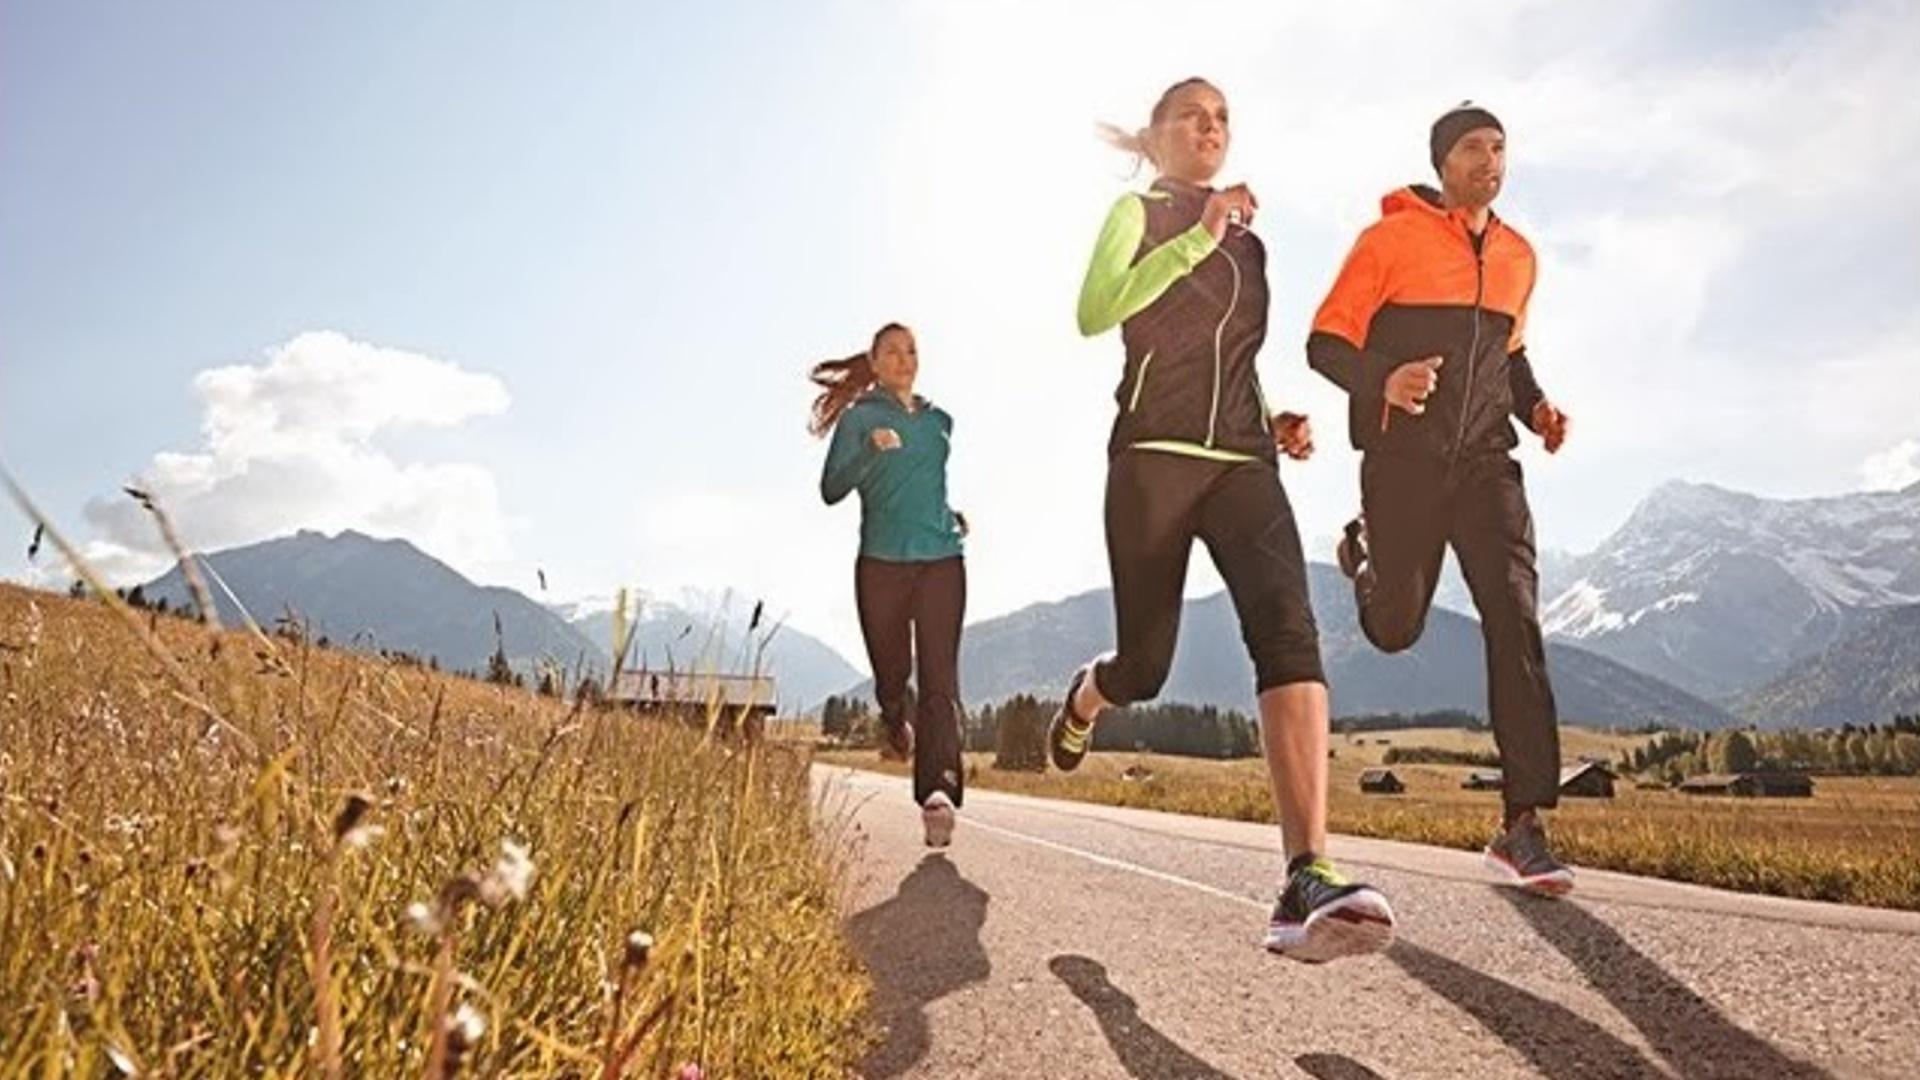 Fiziki fəaliyyət ilə erkən ölüm riskini azaltmaq mümkündür